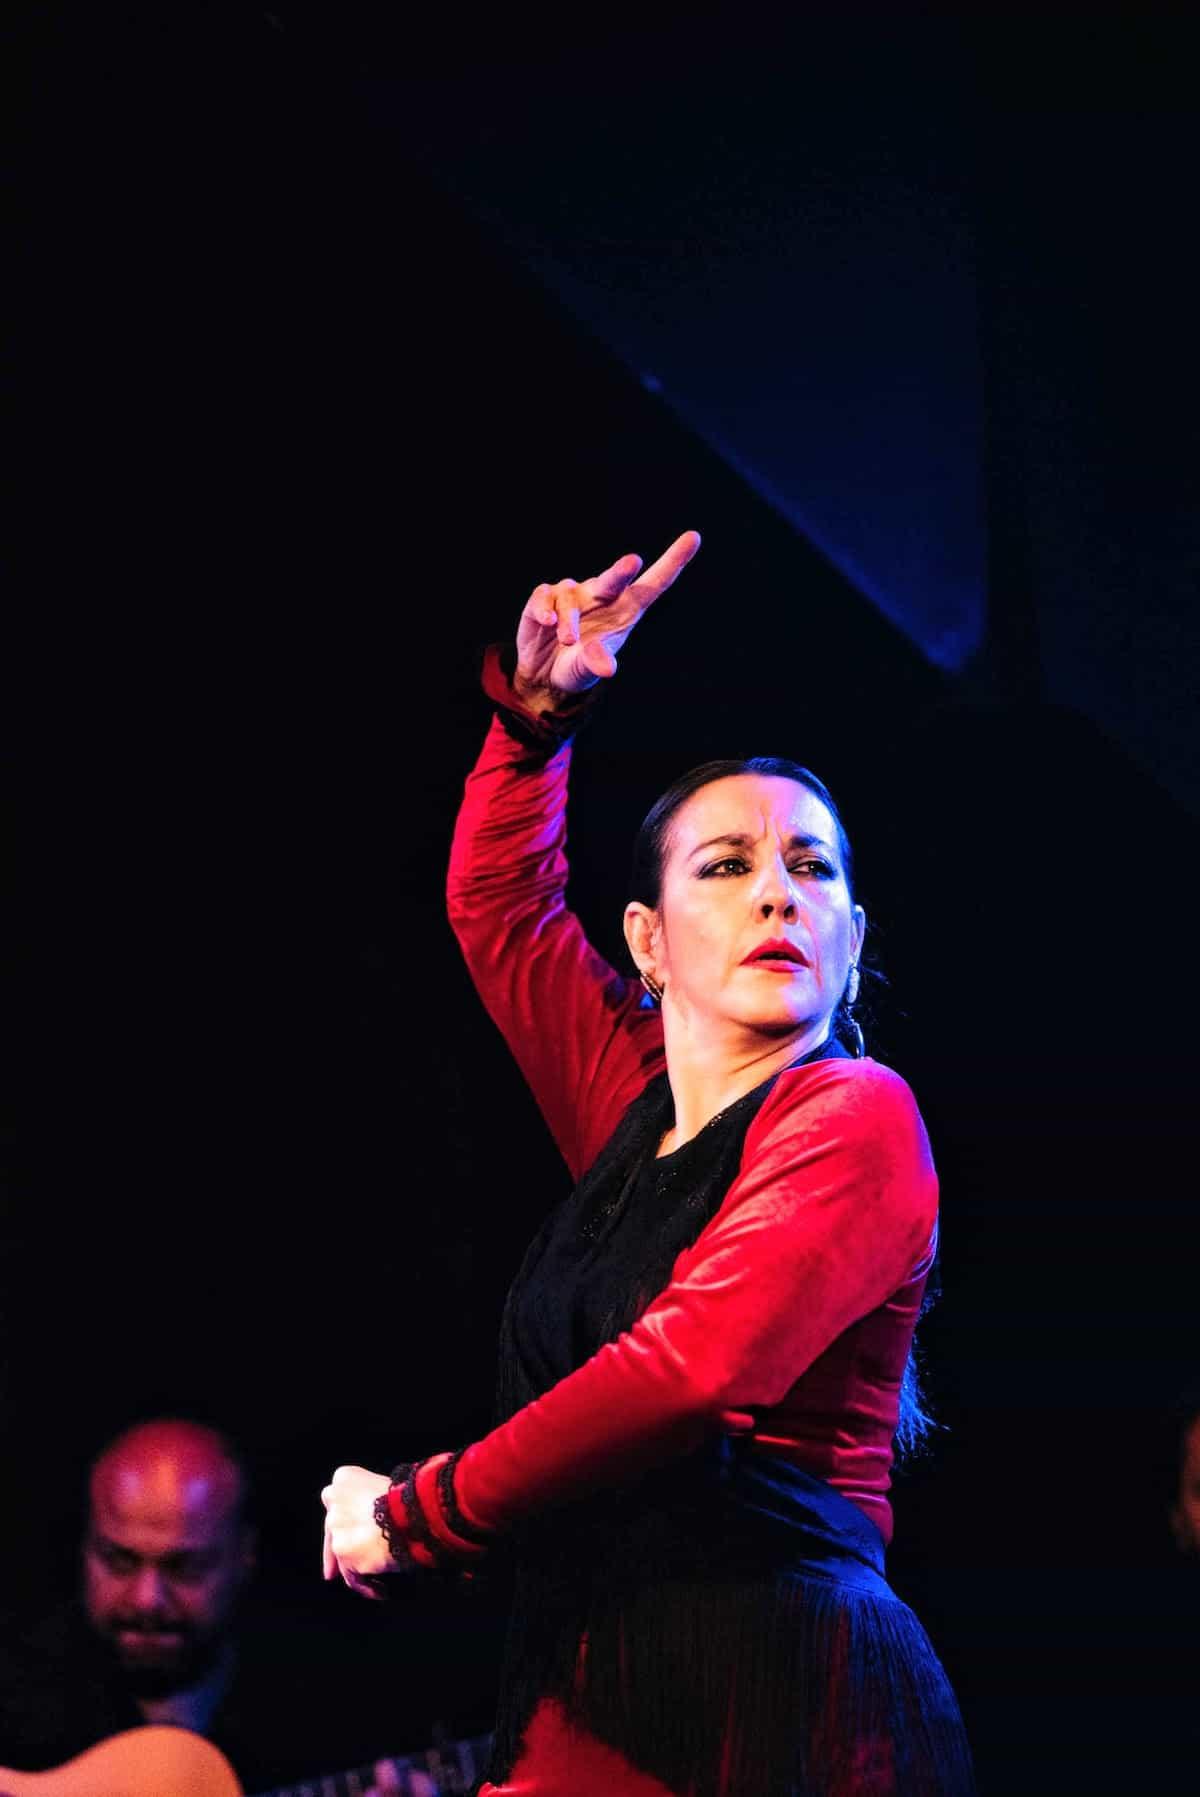 Flamenco dancer performing